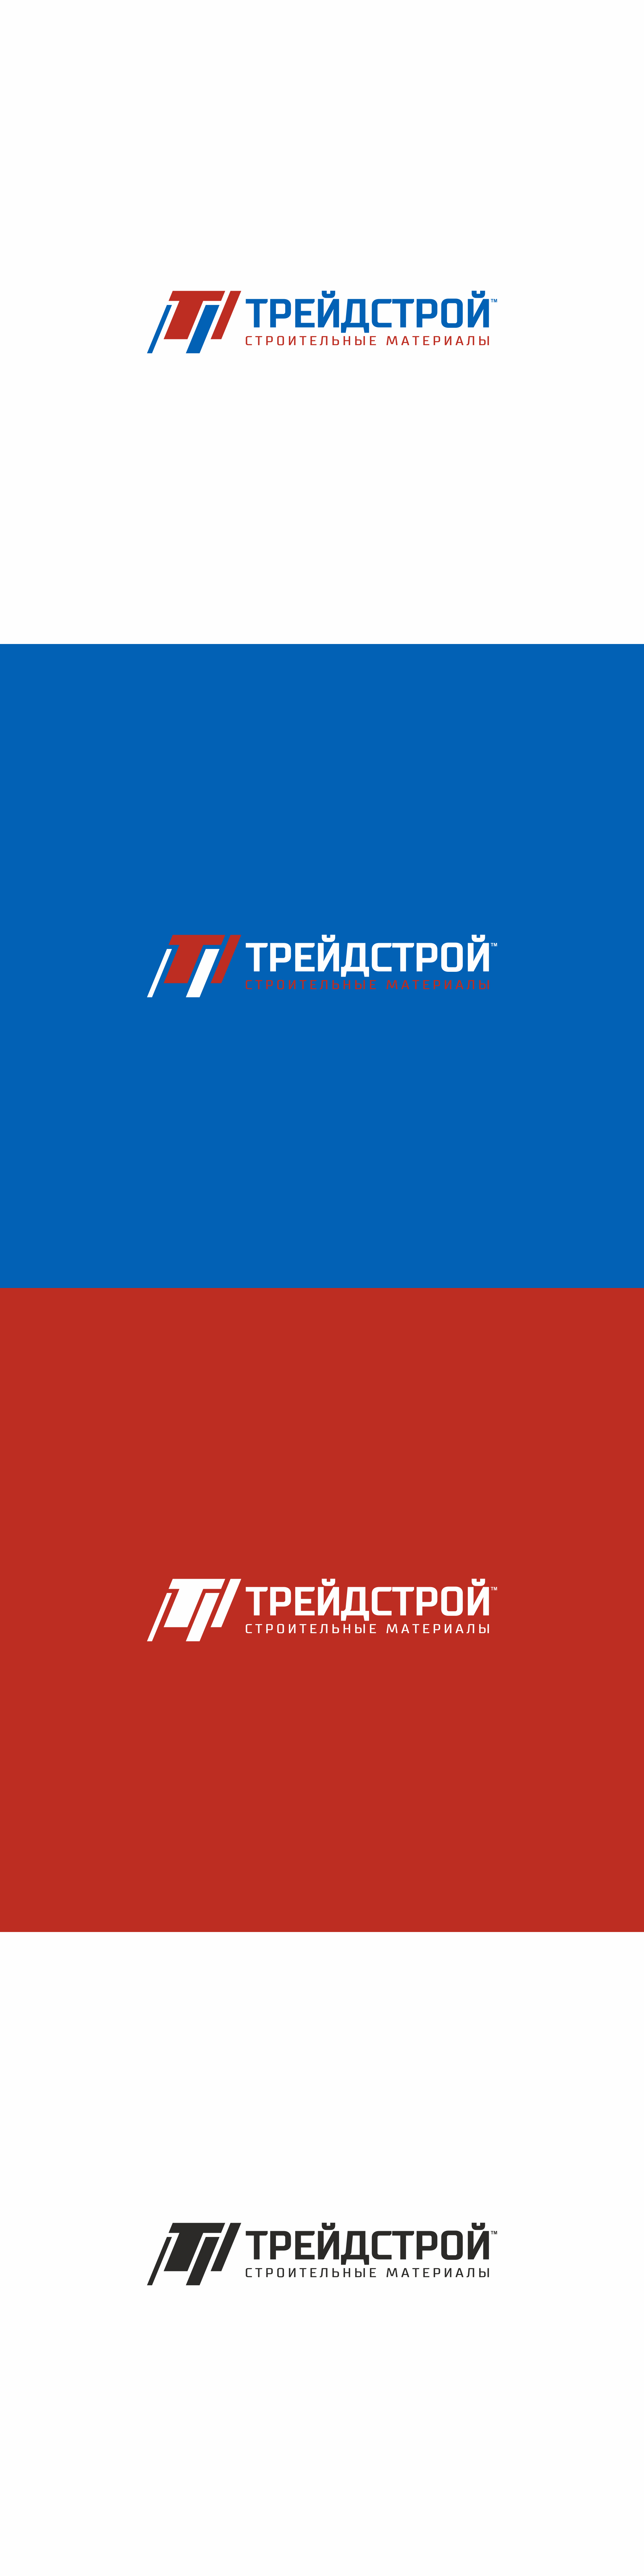 Разработка логотипа и общего стиля компании. фото f_6165b0c00f1c62c3.jpg